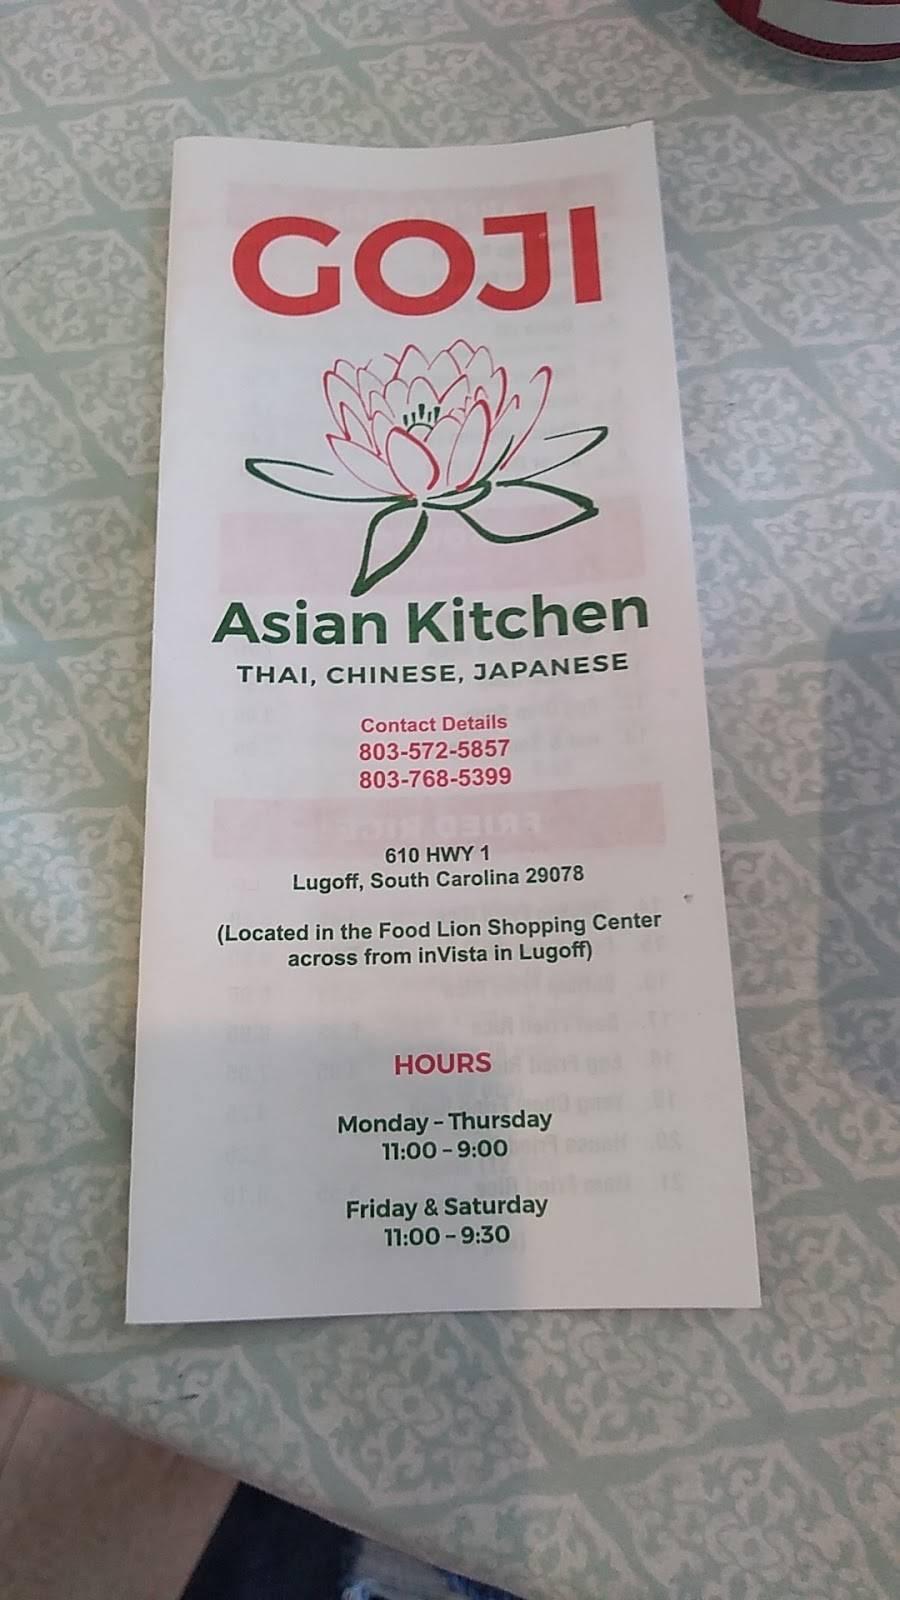 Goji Asian Kitchen   restaurant   610 US-1, Lugoff, SC 29078, USA   8035725857 OR +1 803-572-5857